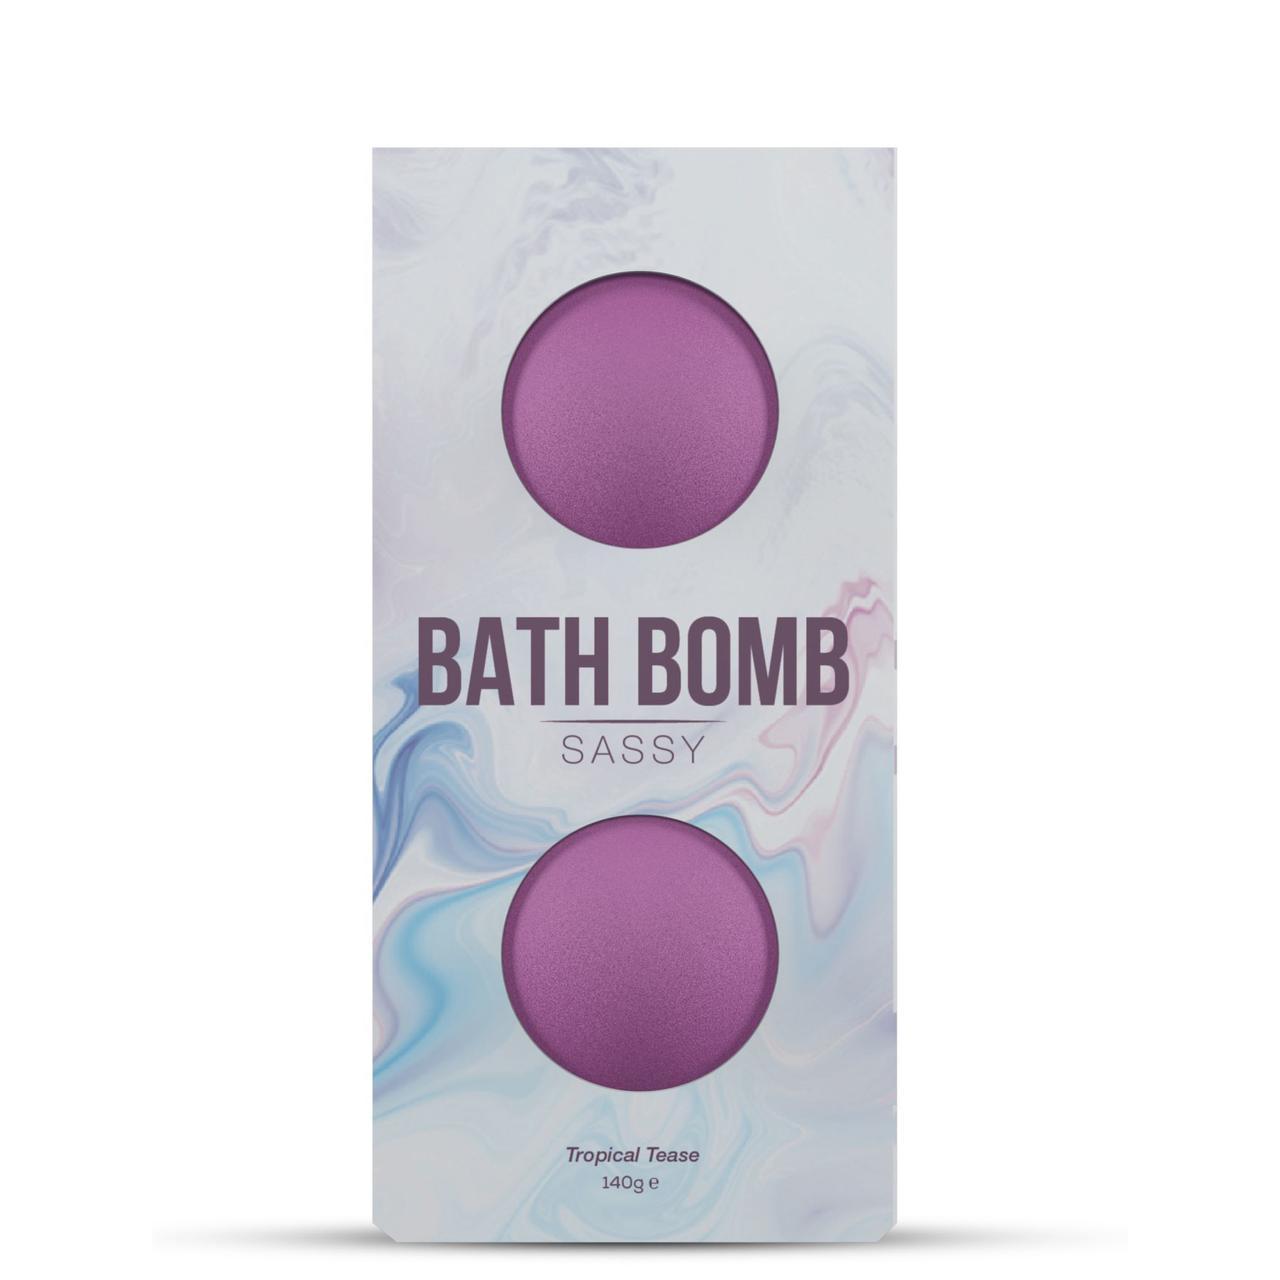 Распродажа! Набор бомбочек для ванны Dona Bath Bomb Sassy Tropical Tease (140 гр) (годен до 08.21)